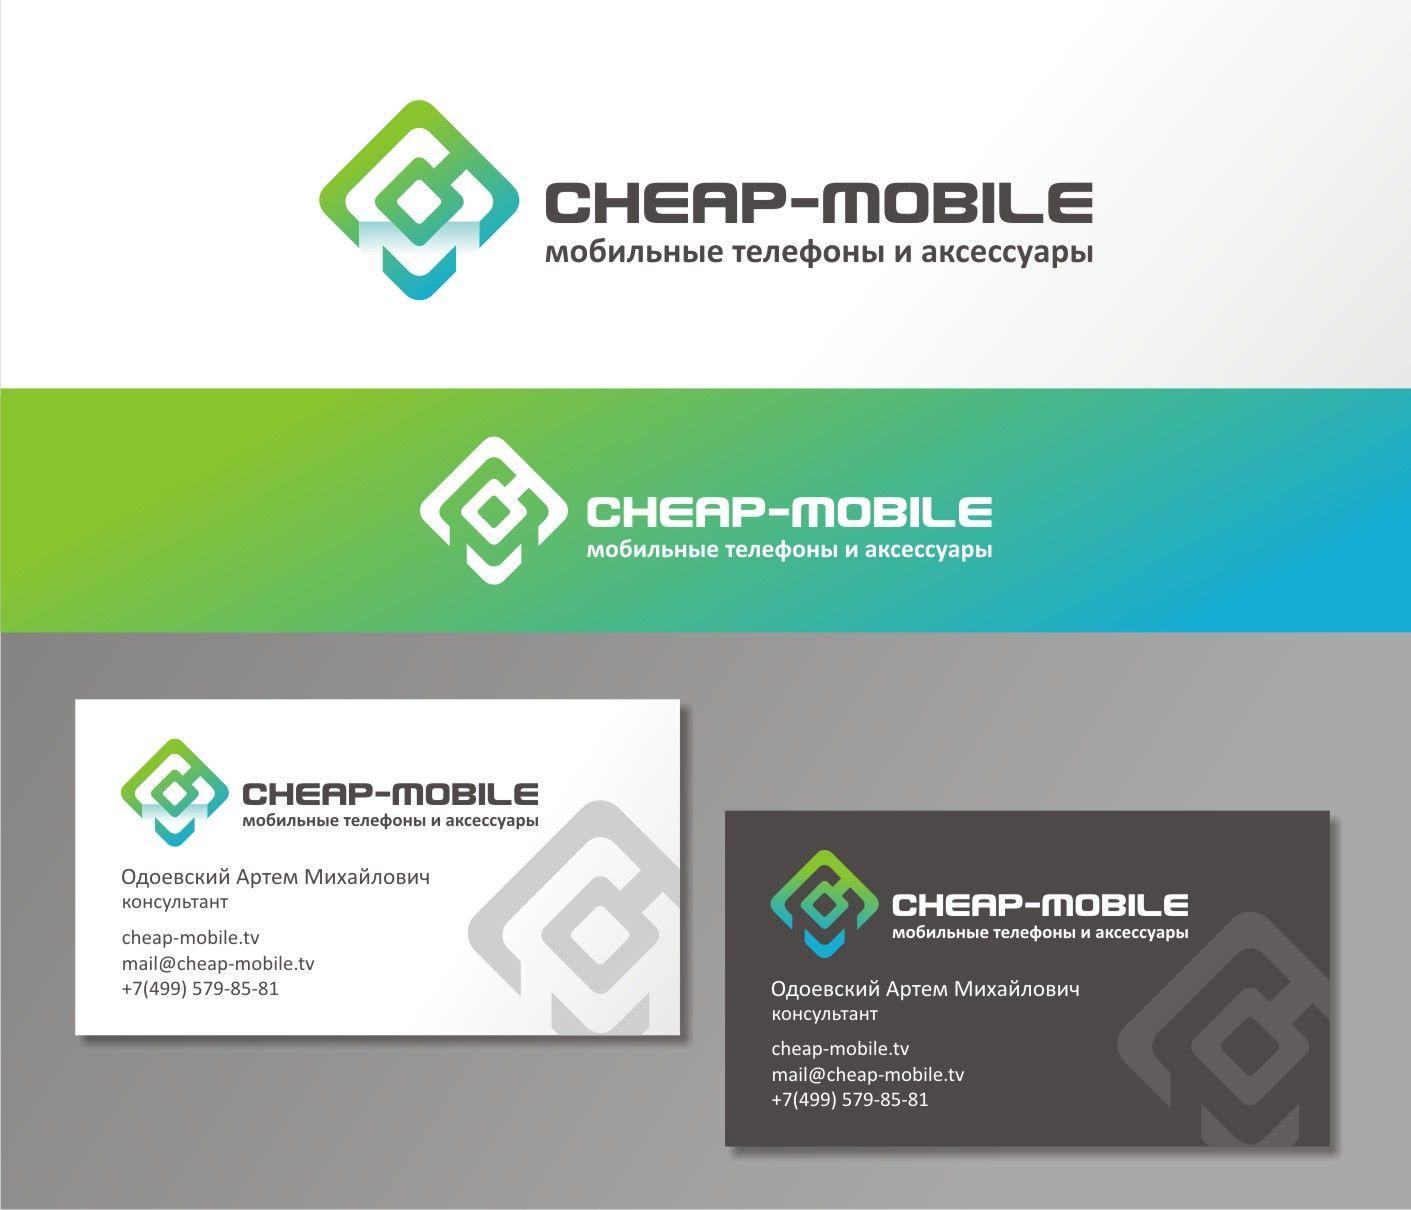 Лого и фирменный стиль для ИМ (Мобильные телефоны) - дизайнер ideograph